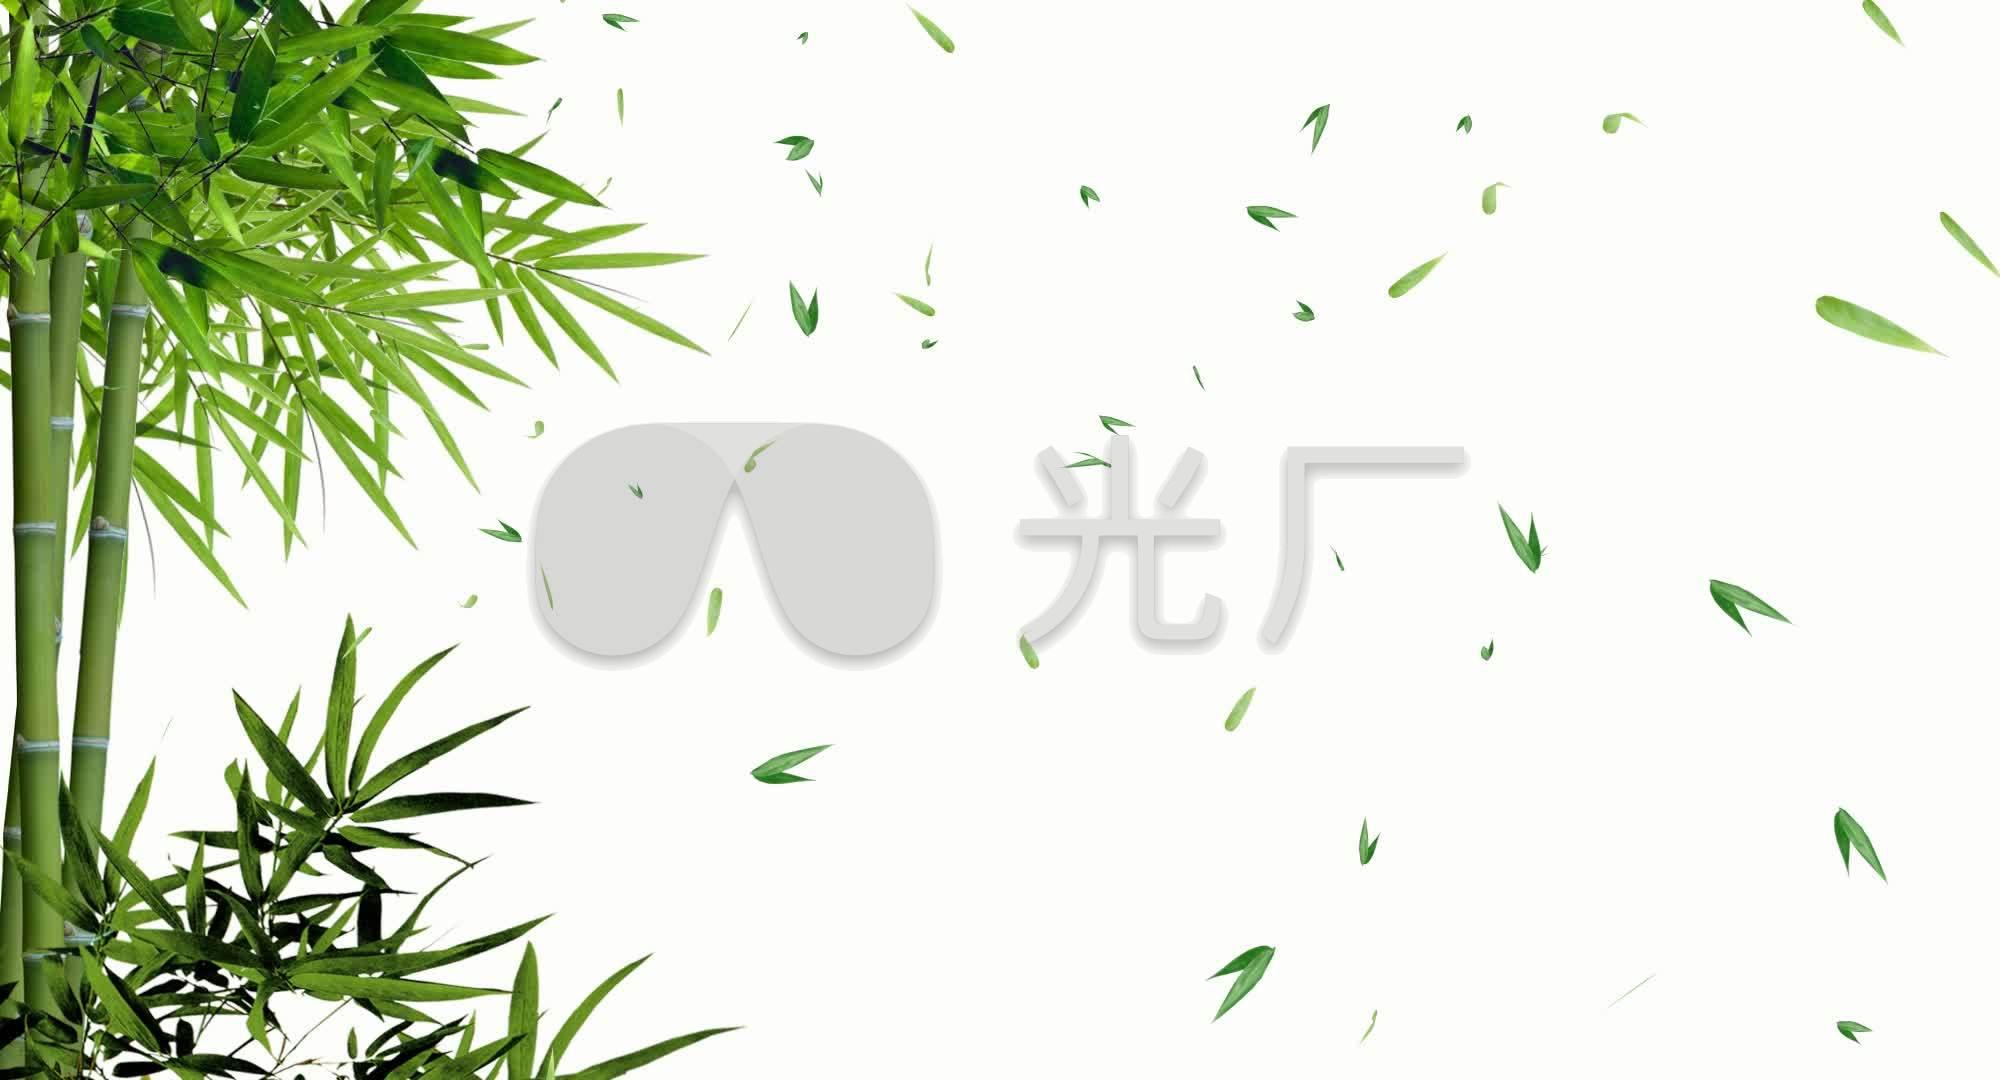 罗刹视频竹子飘带毛竹透明素材视频翠竹_200通道竹叶图片